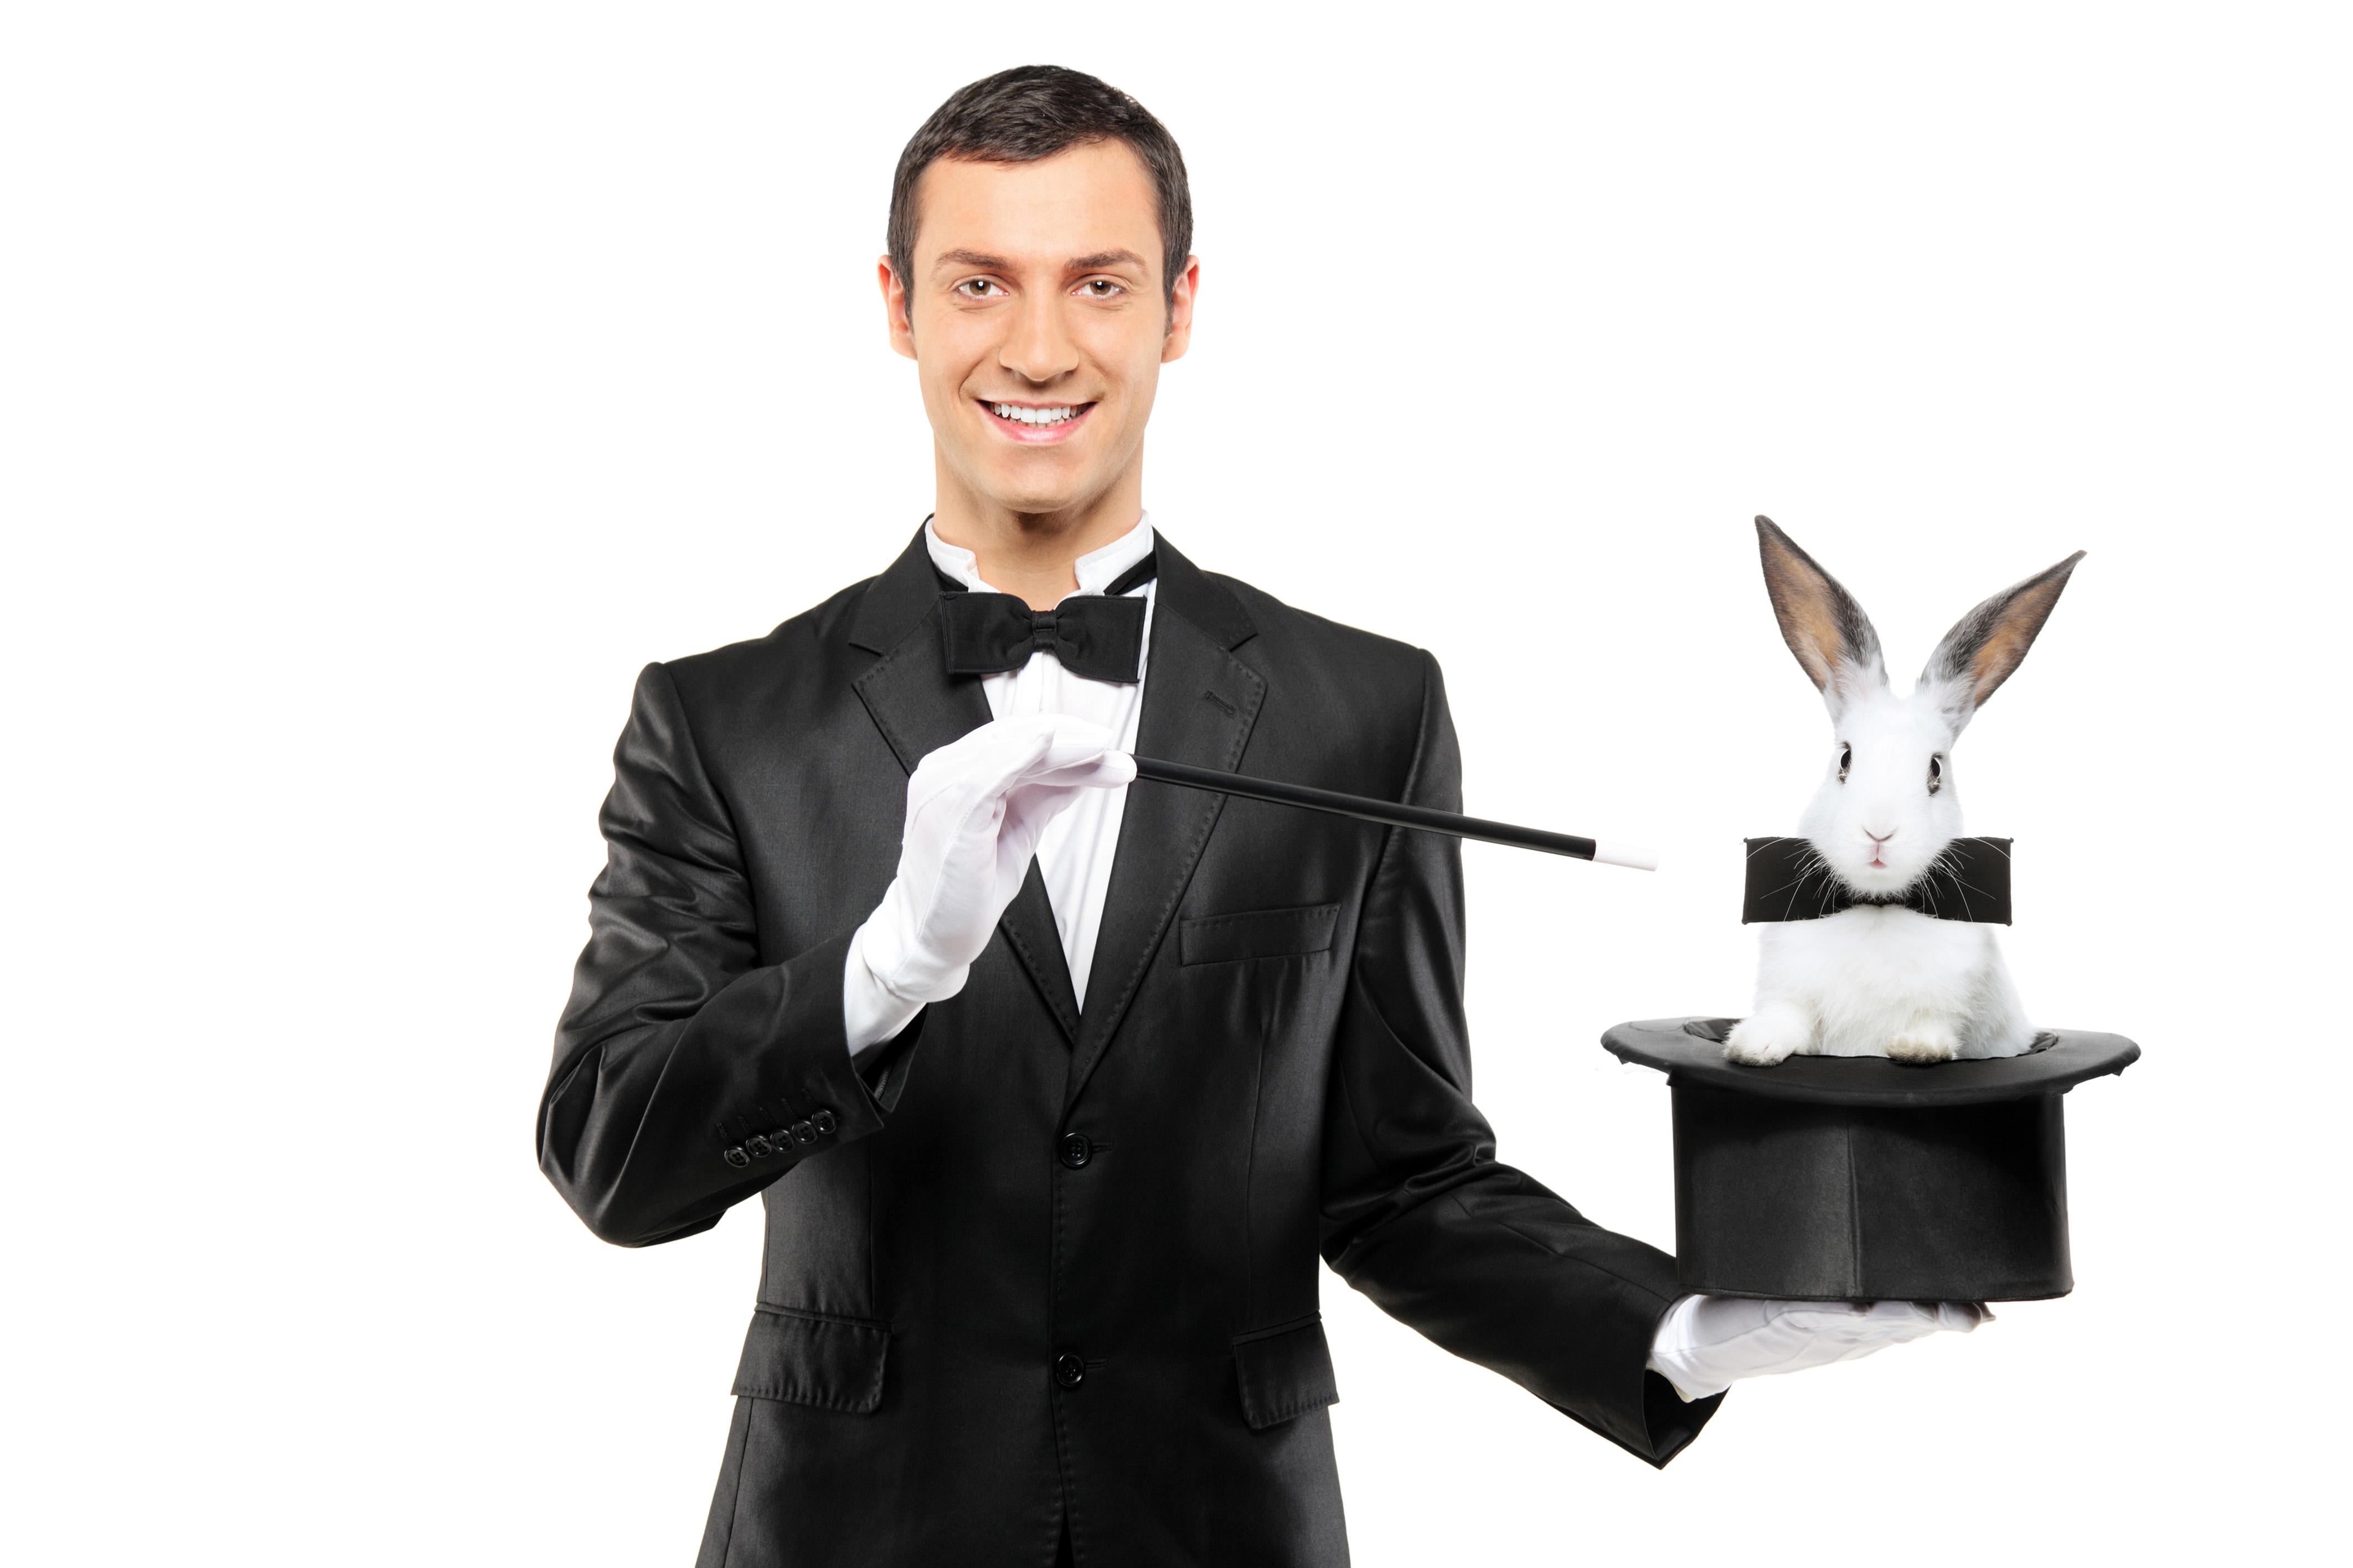 http://kingofwallpapers.com/magician/magician-023.jpg